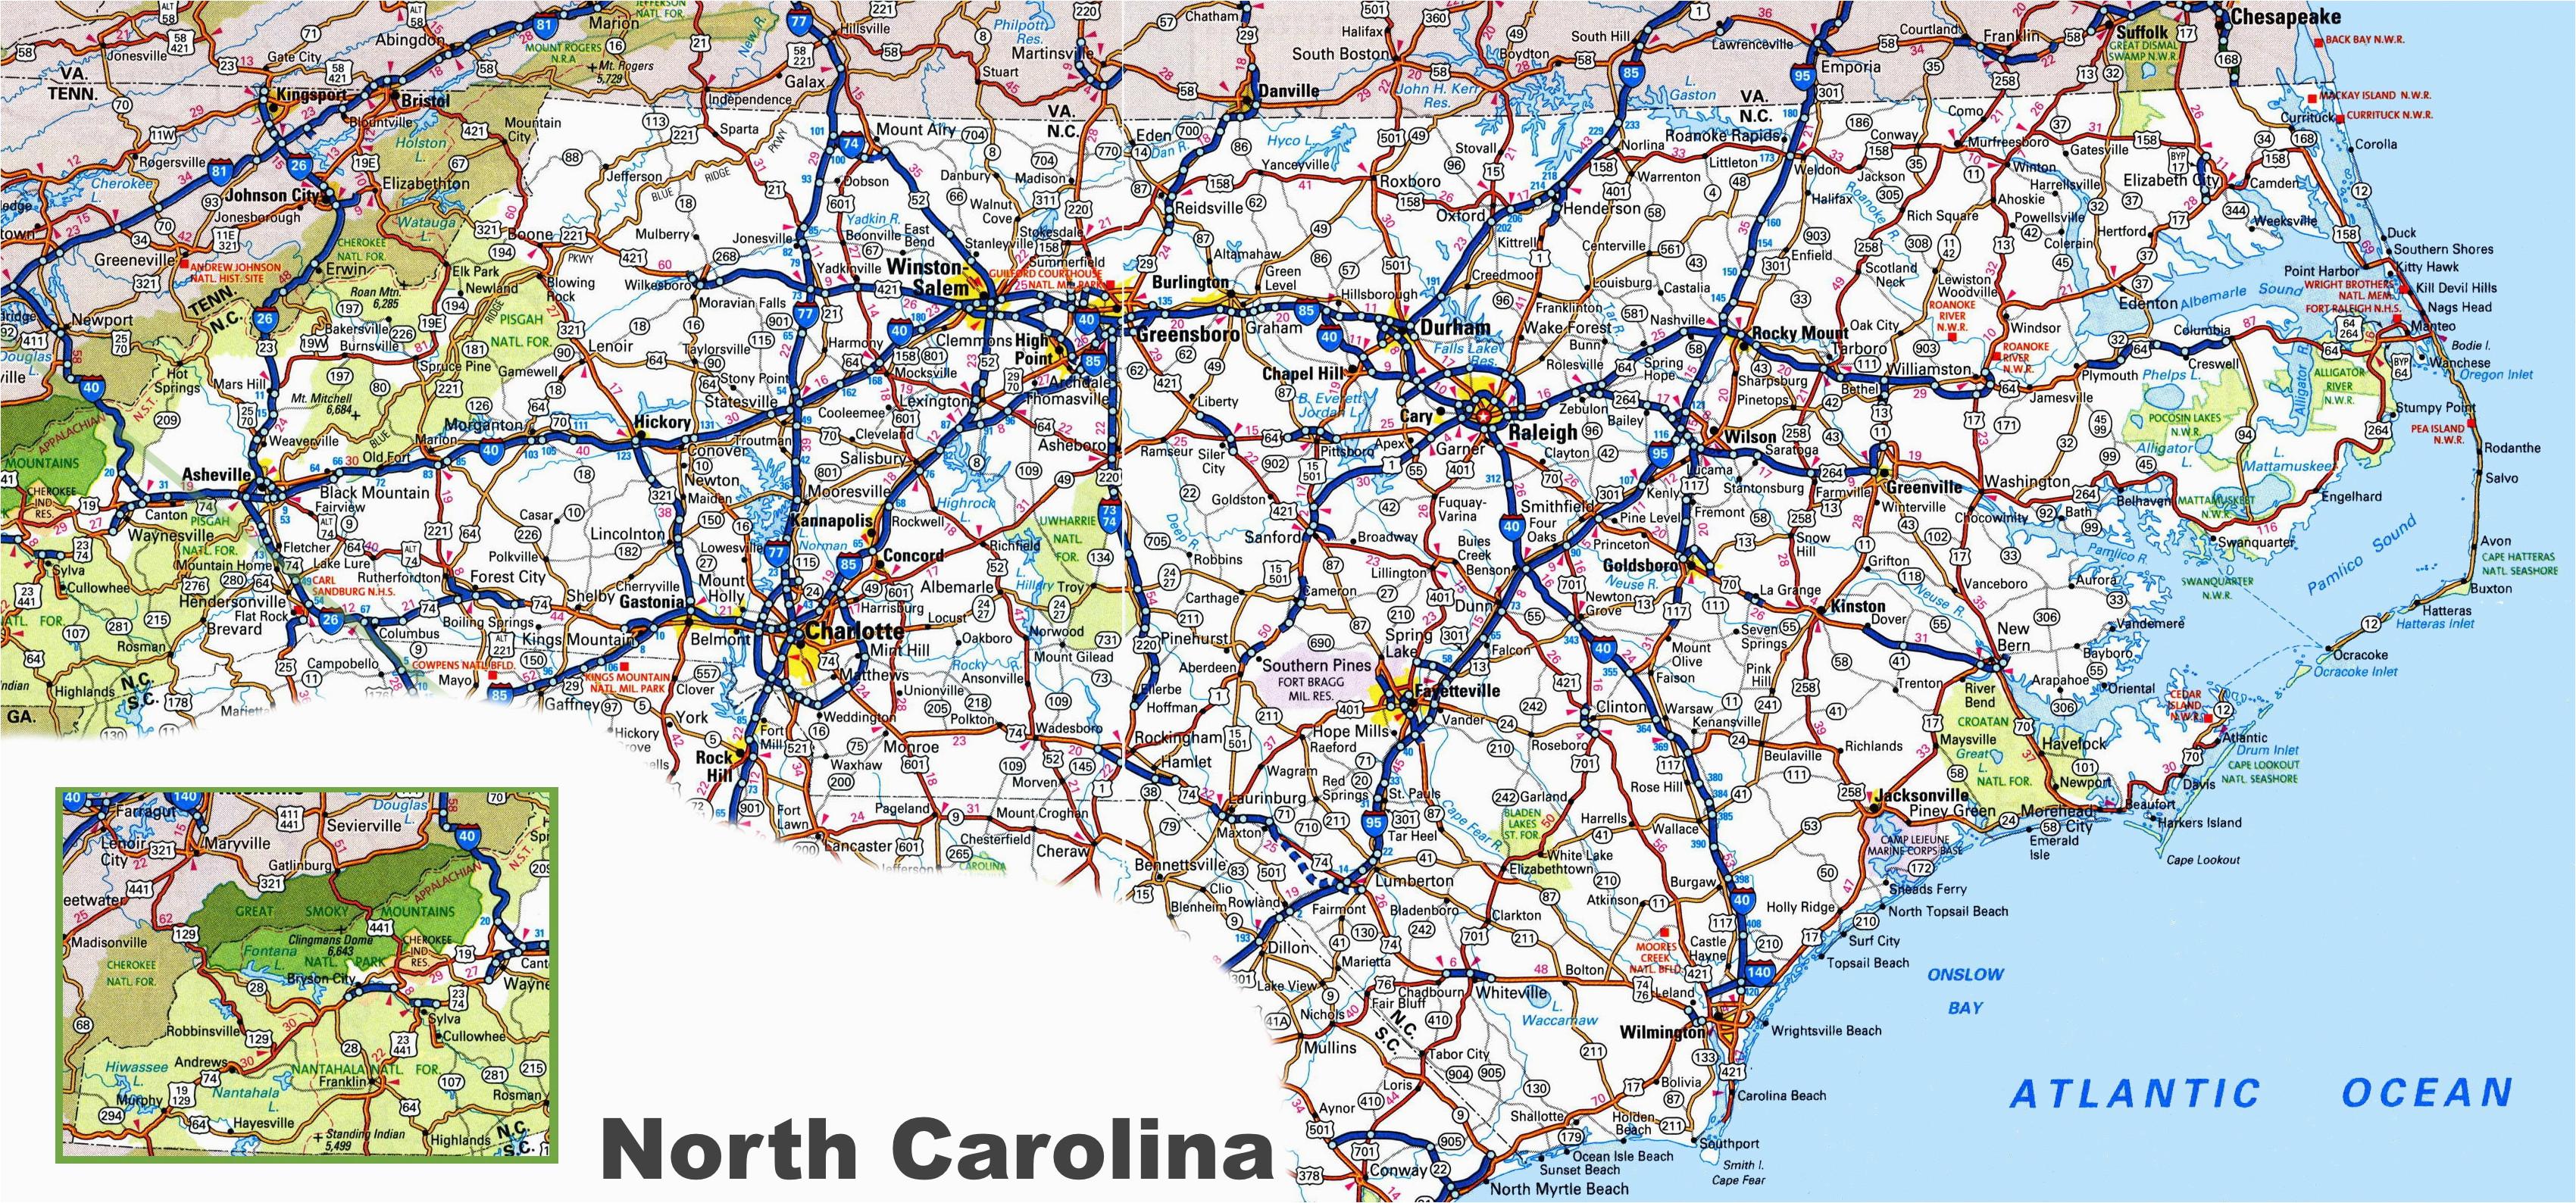 Road Map Of north Carolina and Virginia north Carolina Road Map